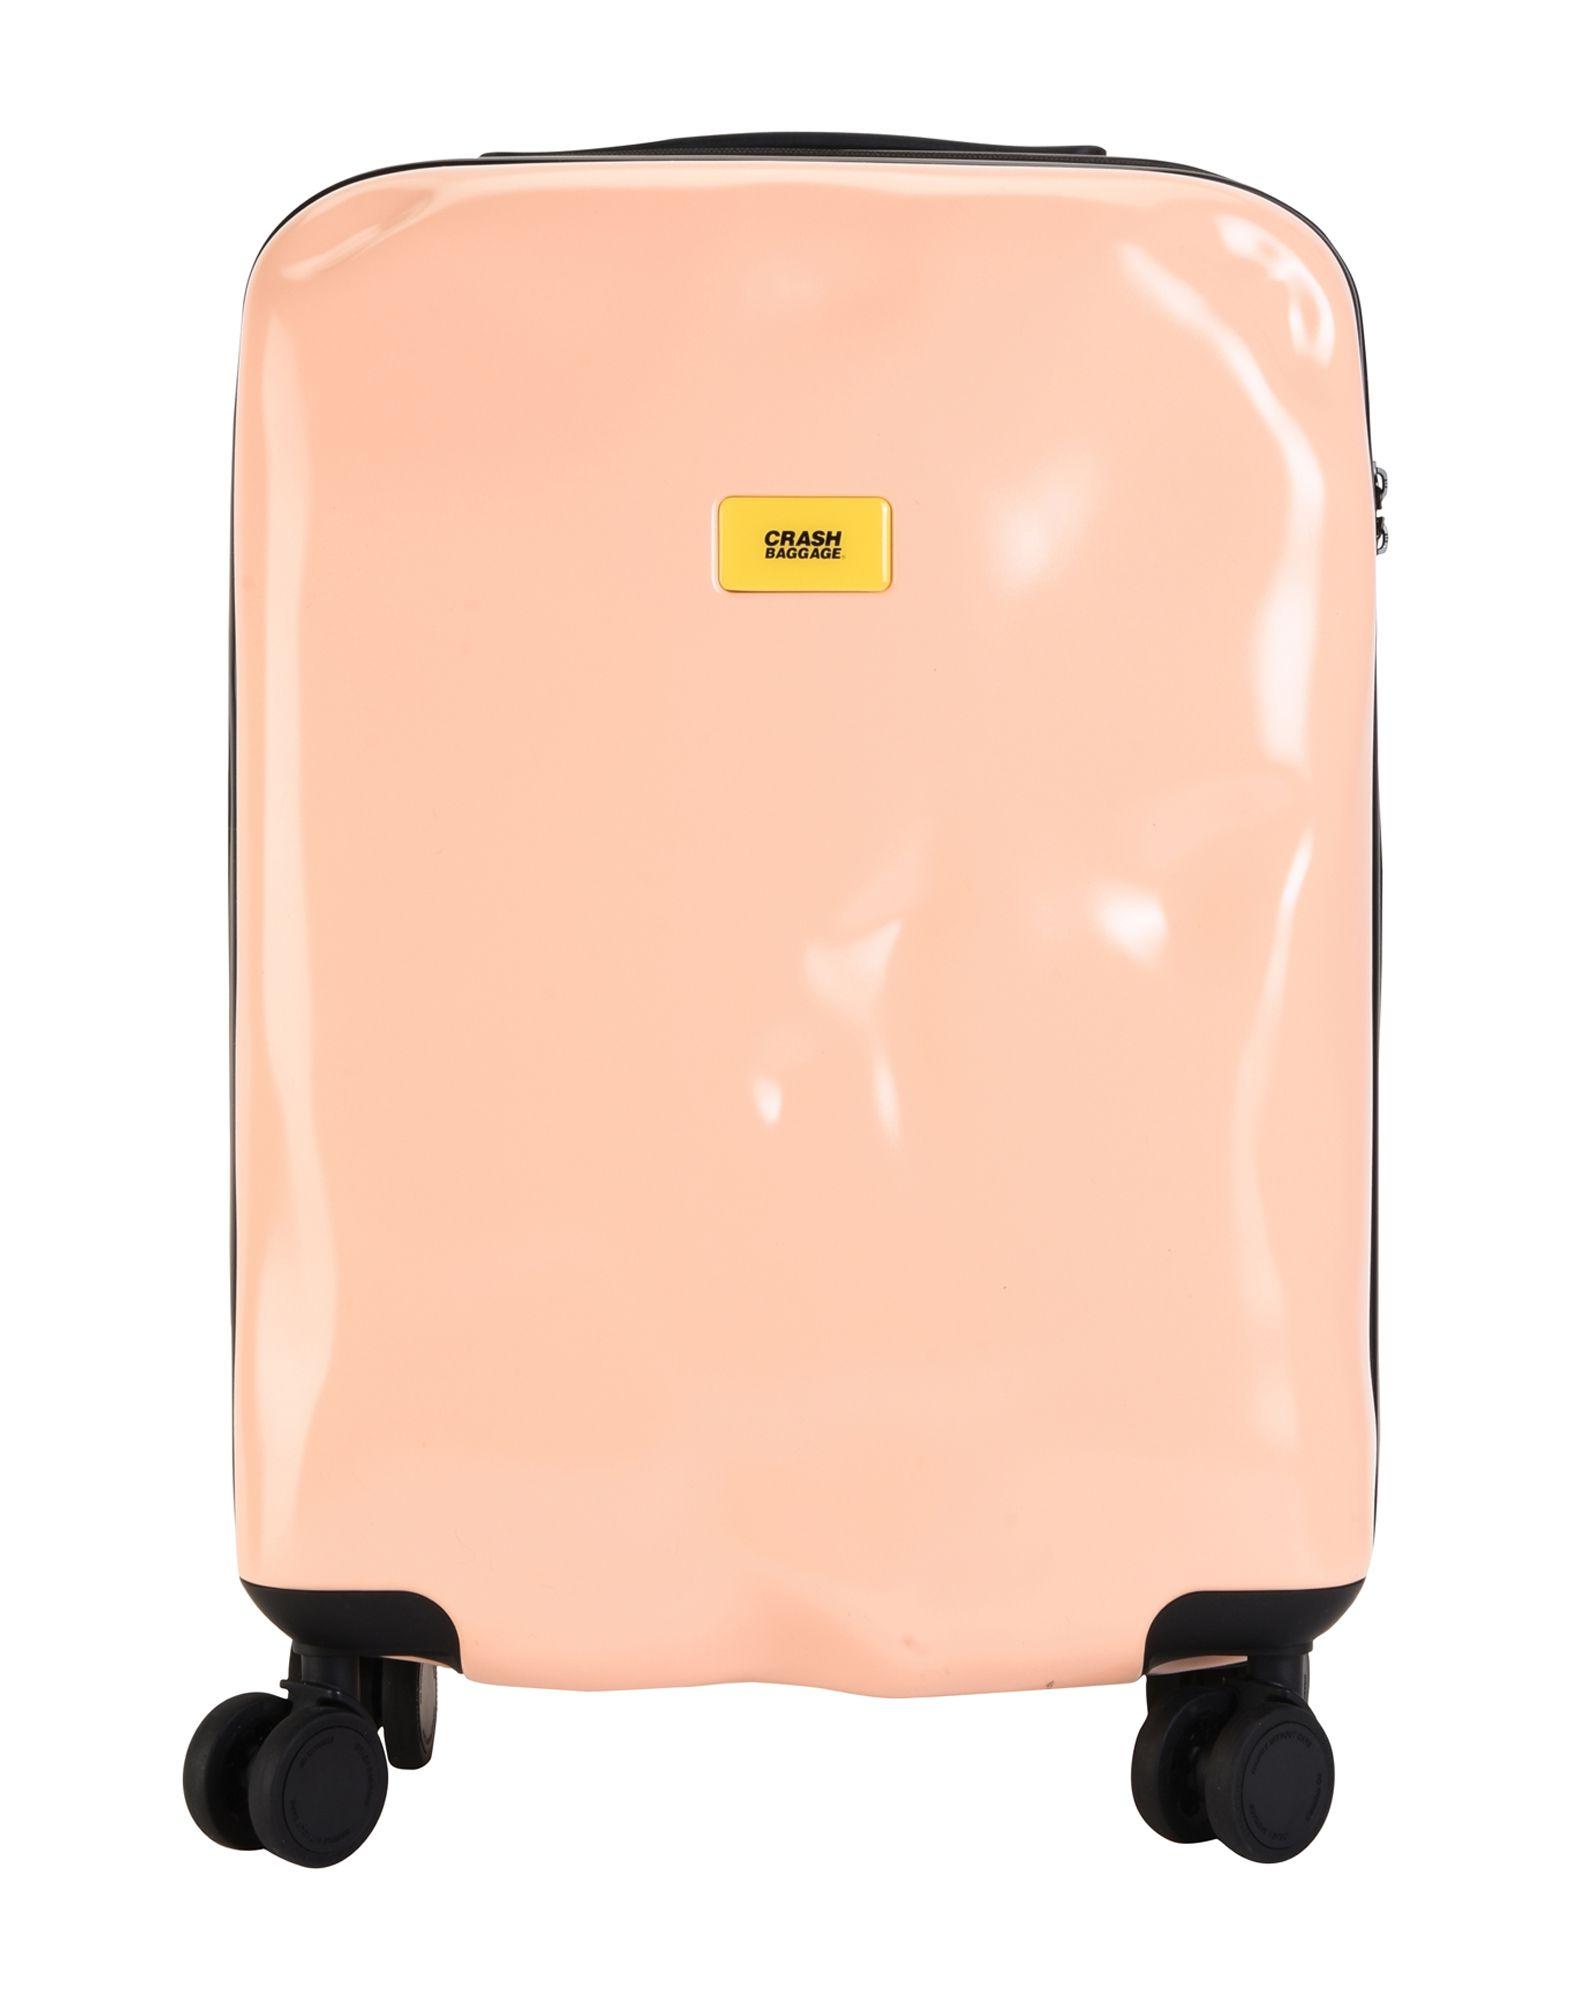 《期間限定セール中》CRASH BAGGAGE Unisex キャスター付きバッグ サーモンピンク ポリカーボネート ICON Cabin 4w.